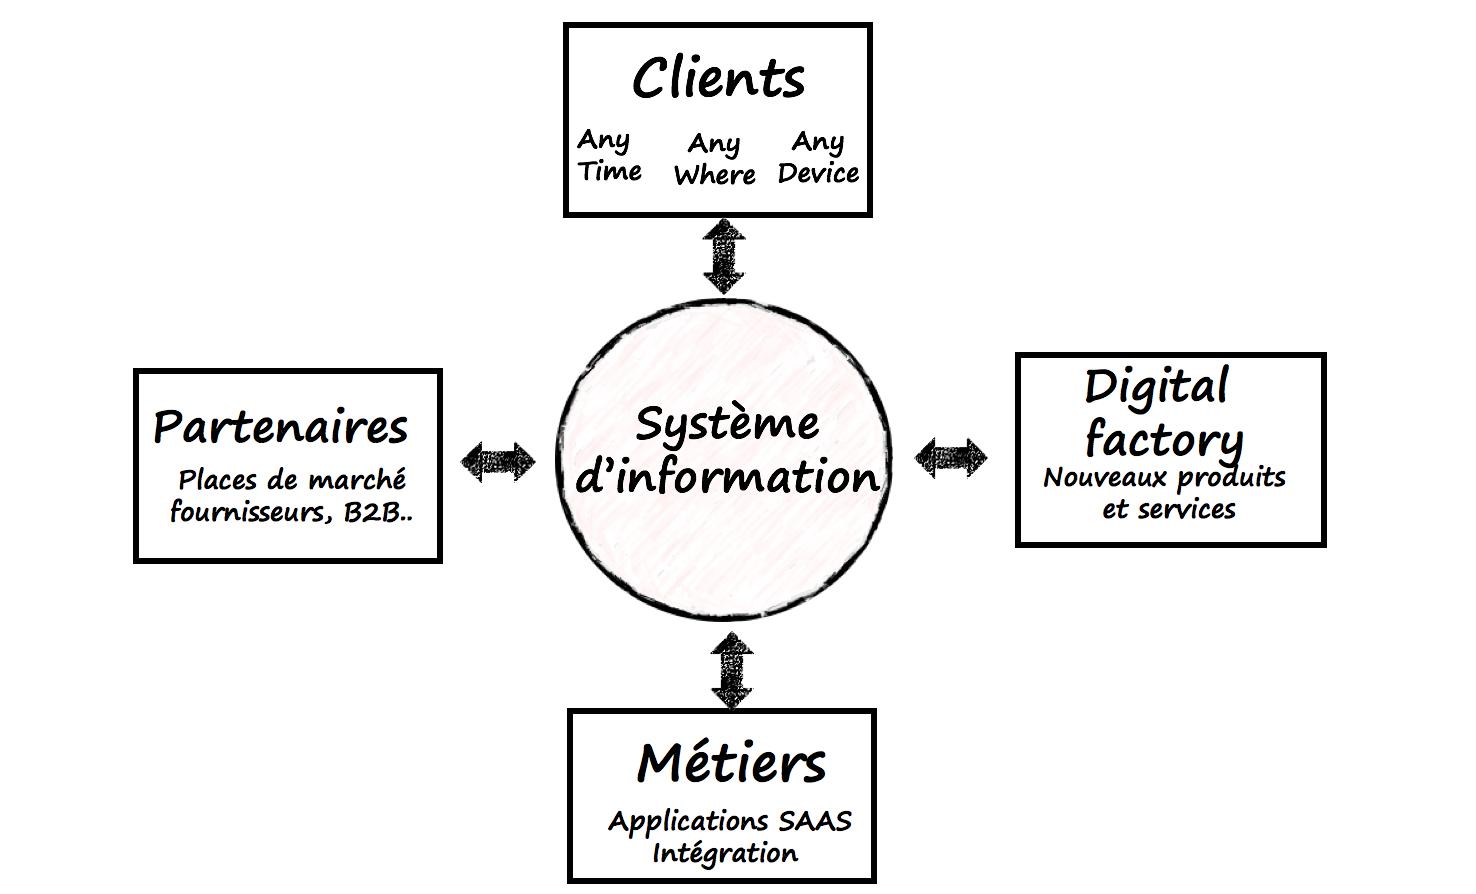 Ouverture des systèmes d'information socle de la transformation digital